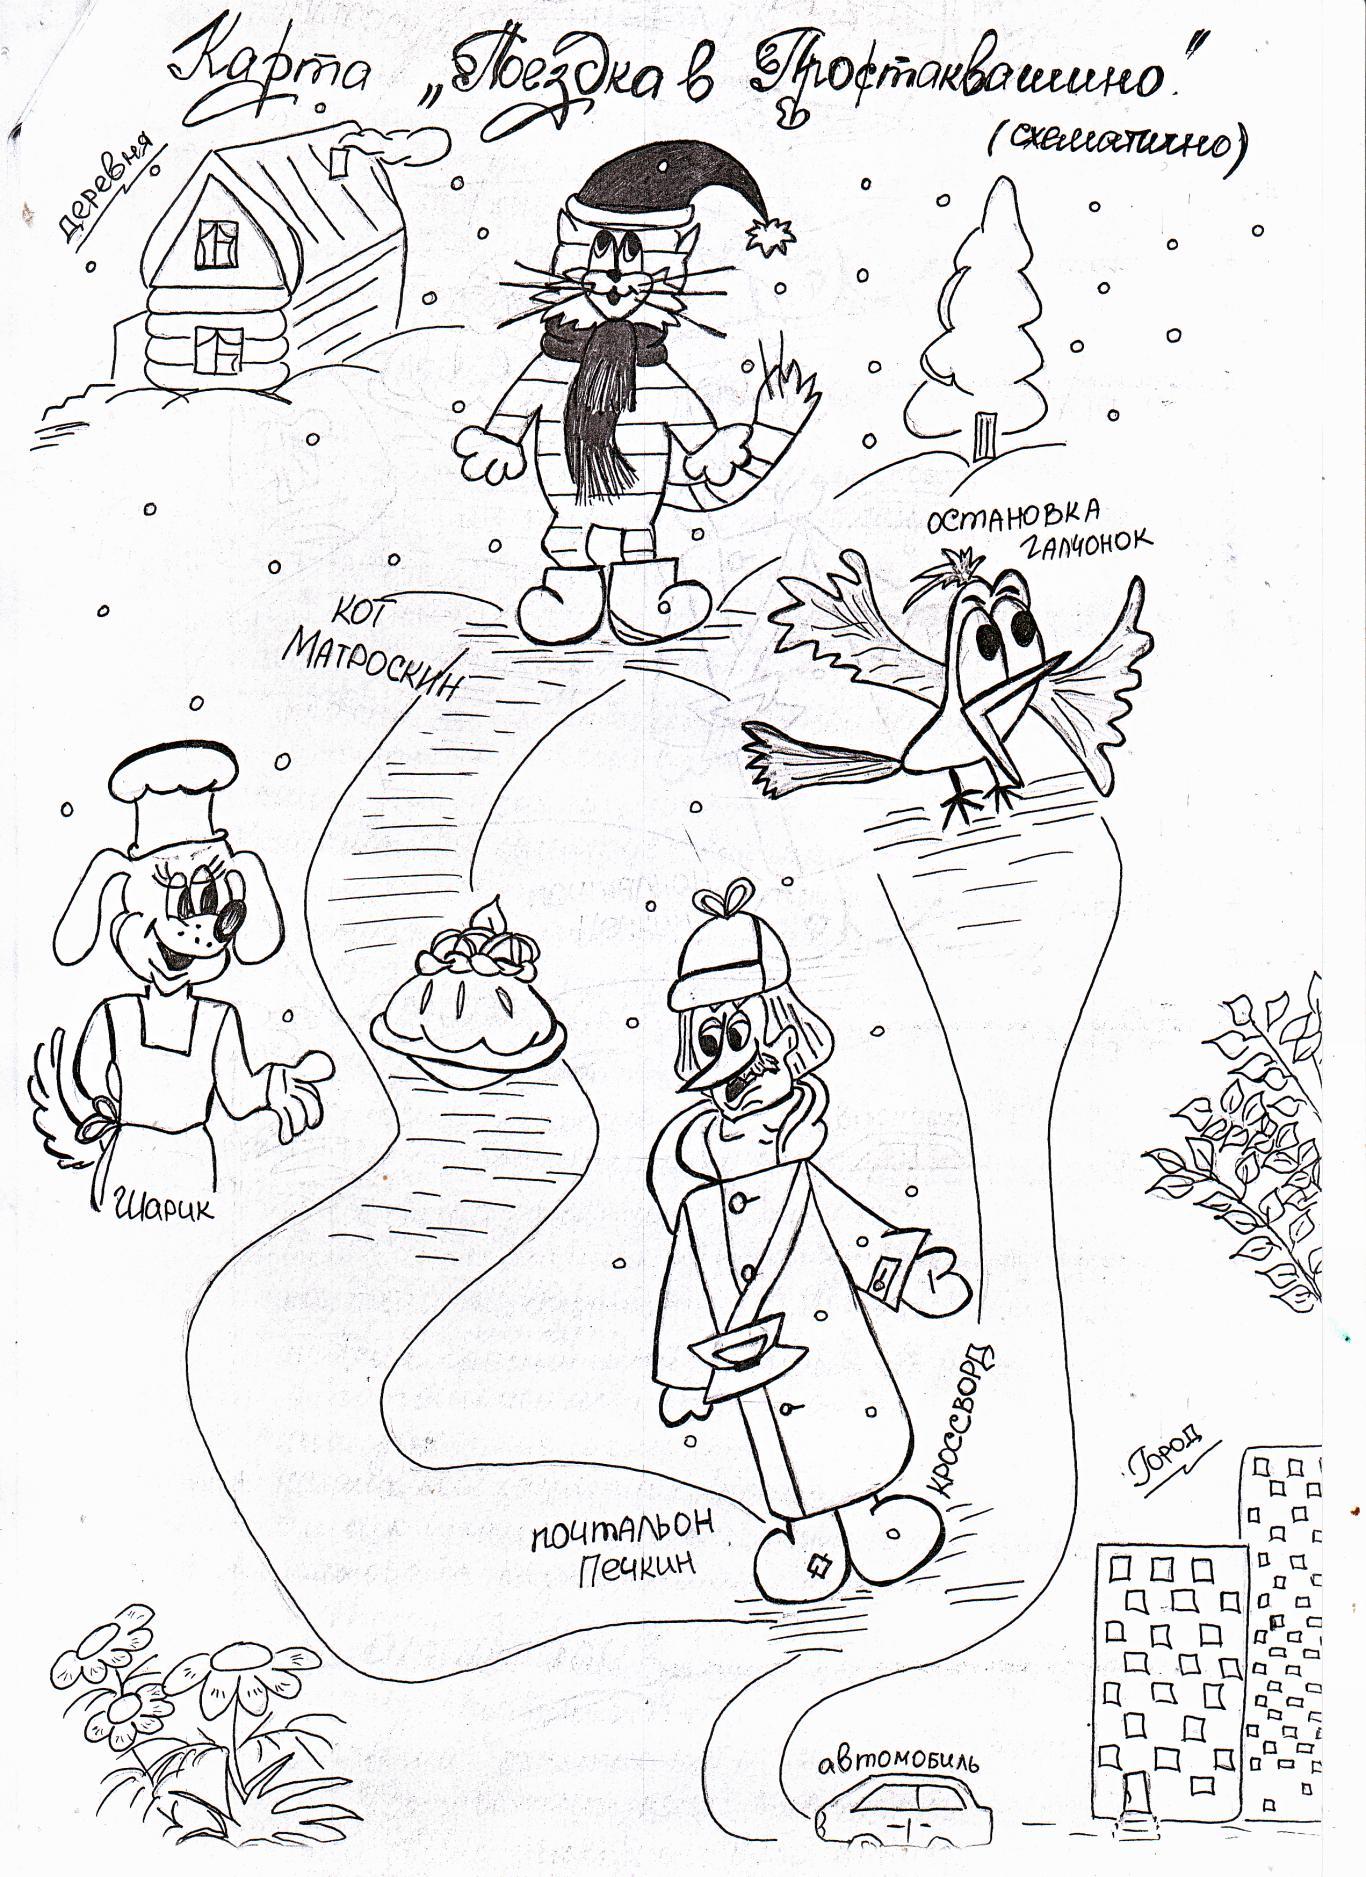 E:\Рабочий материал\Сказочные герои\почтальон Печкин\карта Простоквашино.tif